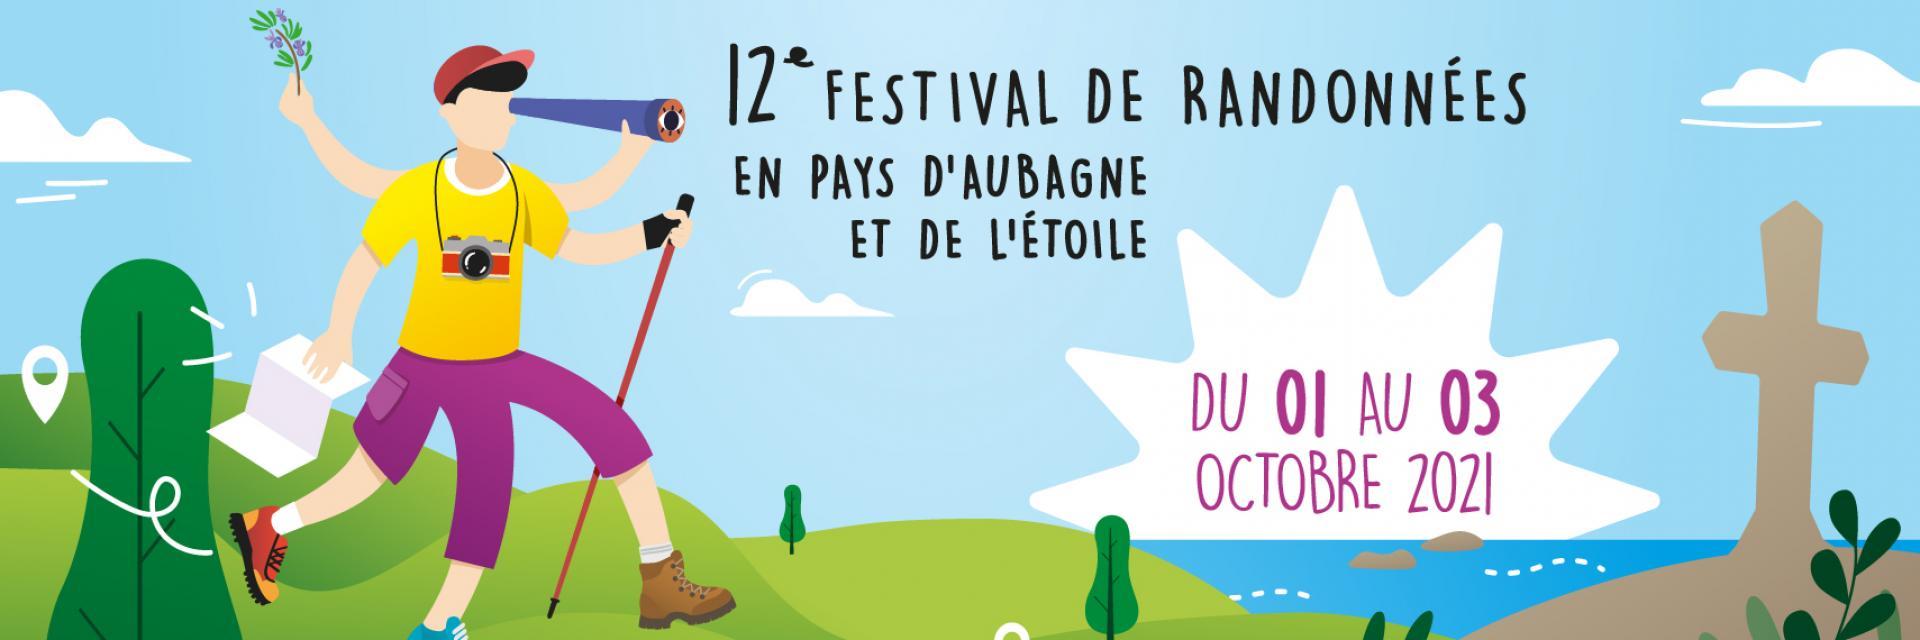 Affiche Festival de Randonnées